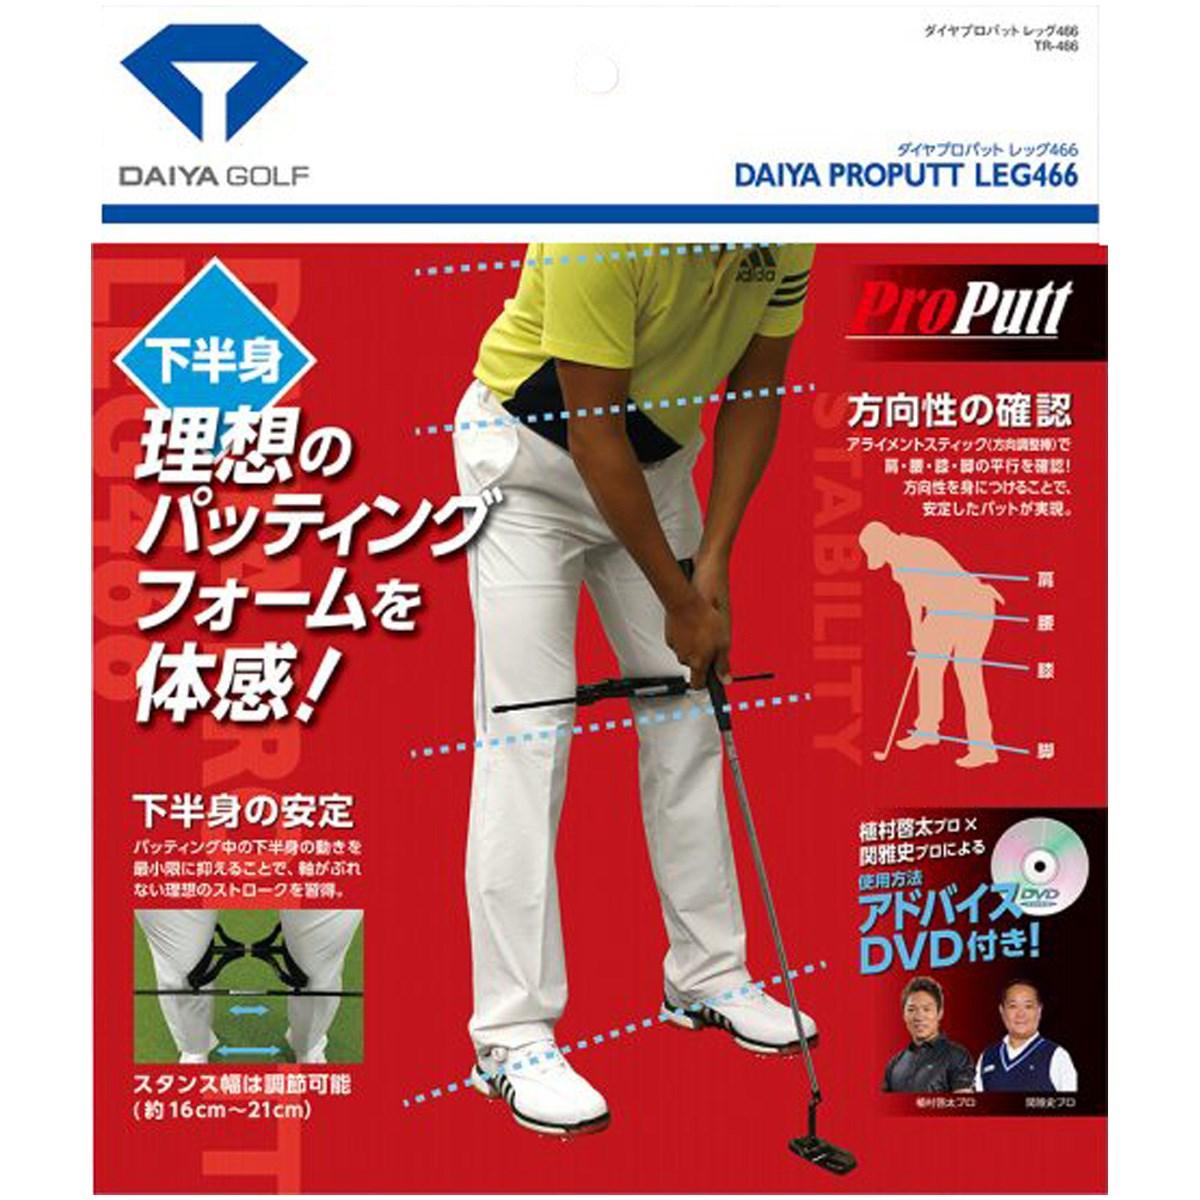 ダイヤゴルフ DAIYA GOLF ダイヤプロパットレッグ466 ブラック